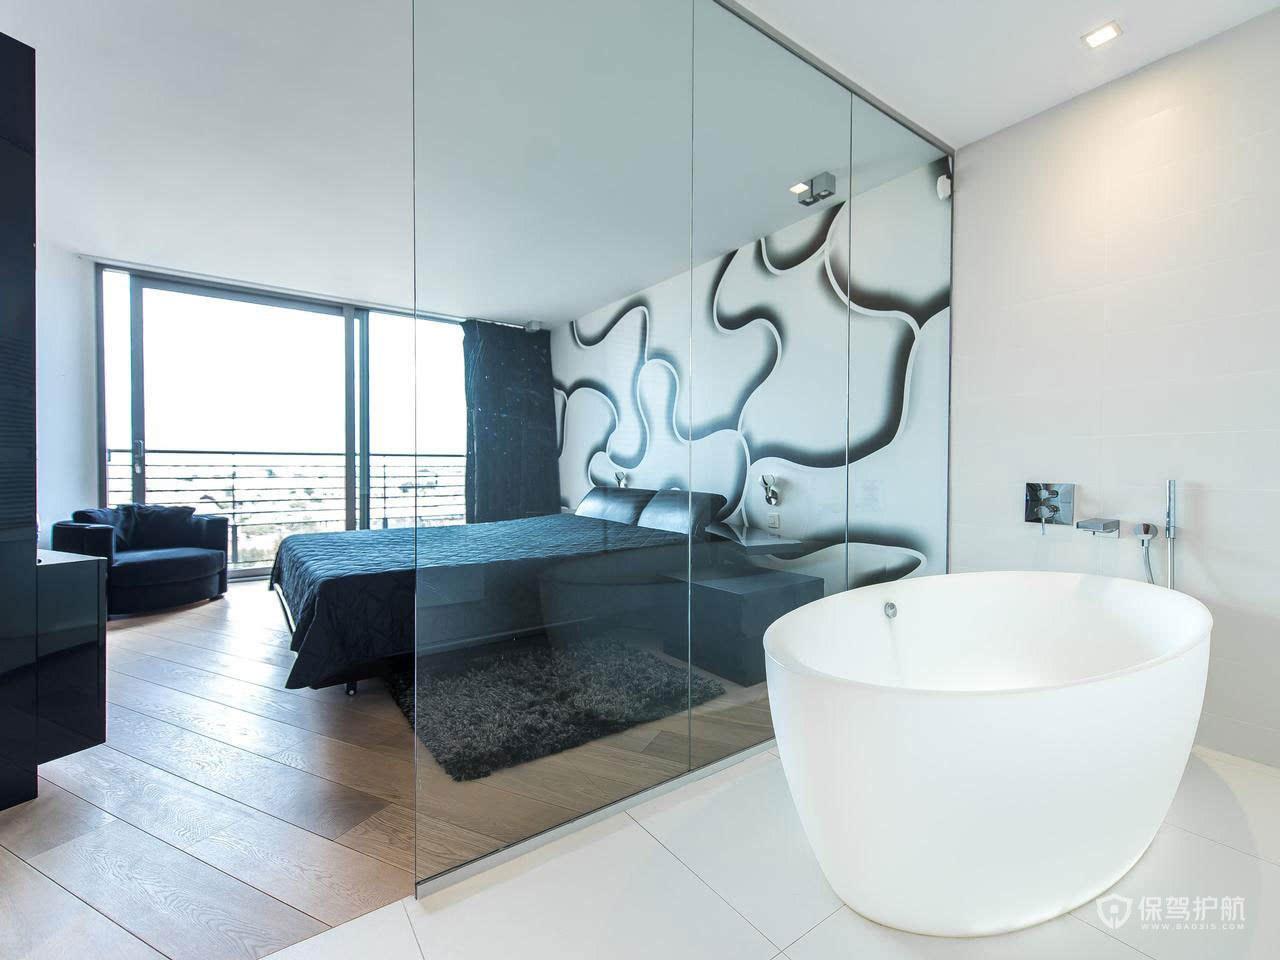 臥室與衛生間隔斷設計 臥室與衛生間隔斷效果圖